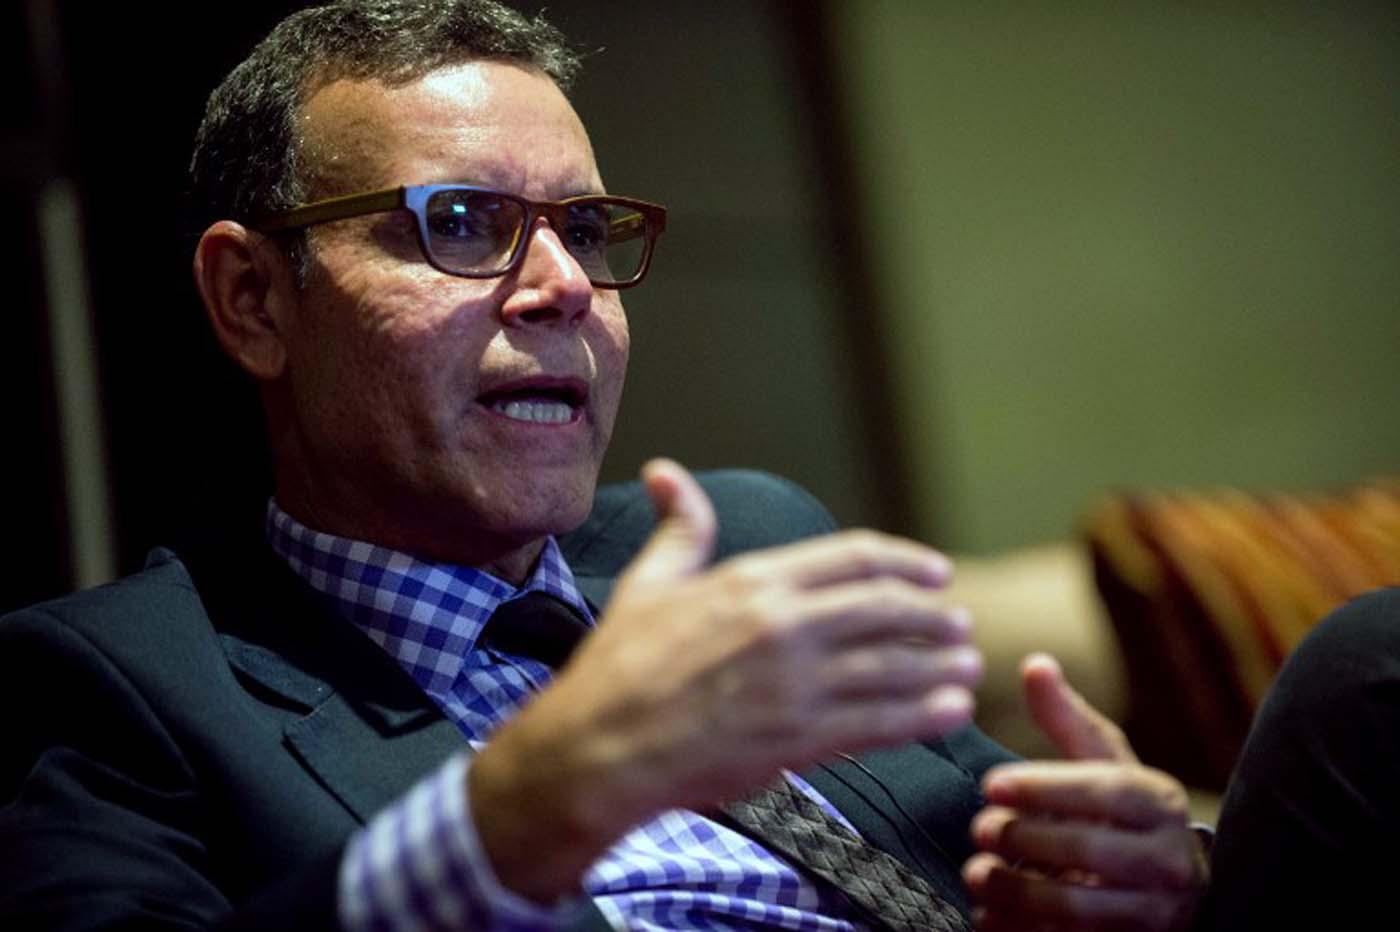 Aumentos compulsivos de salario generan inflación futura — Luis Vicente León